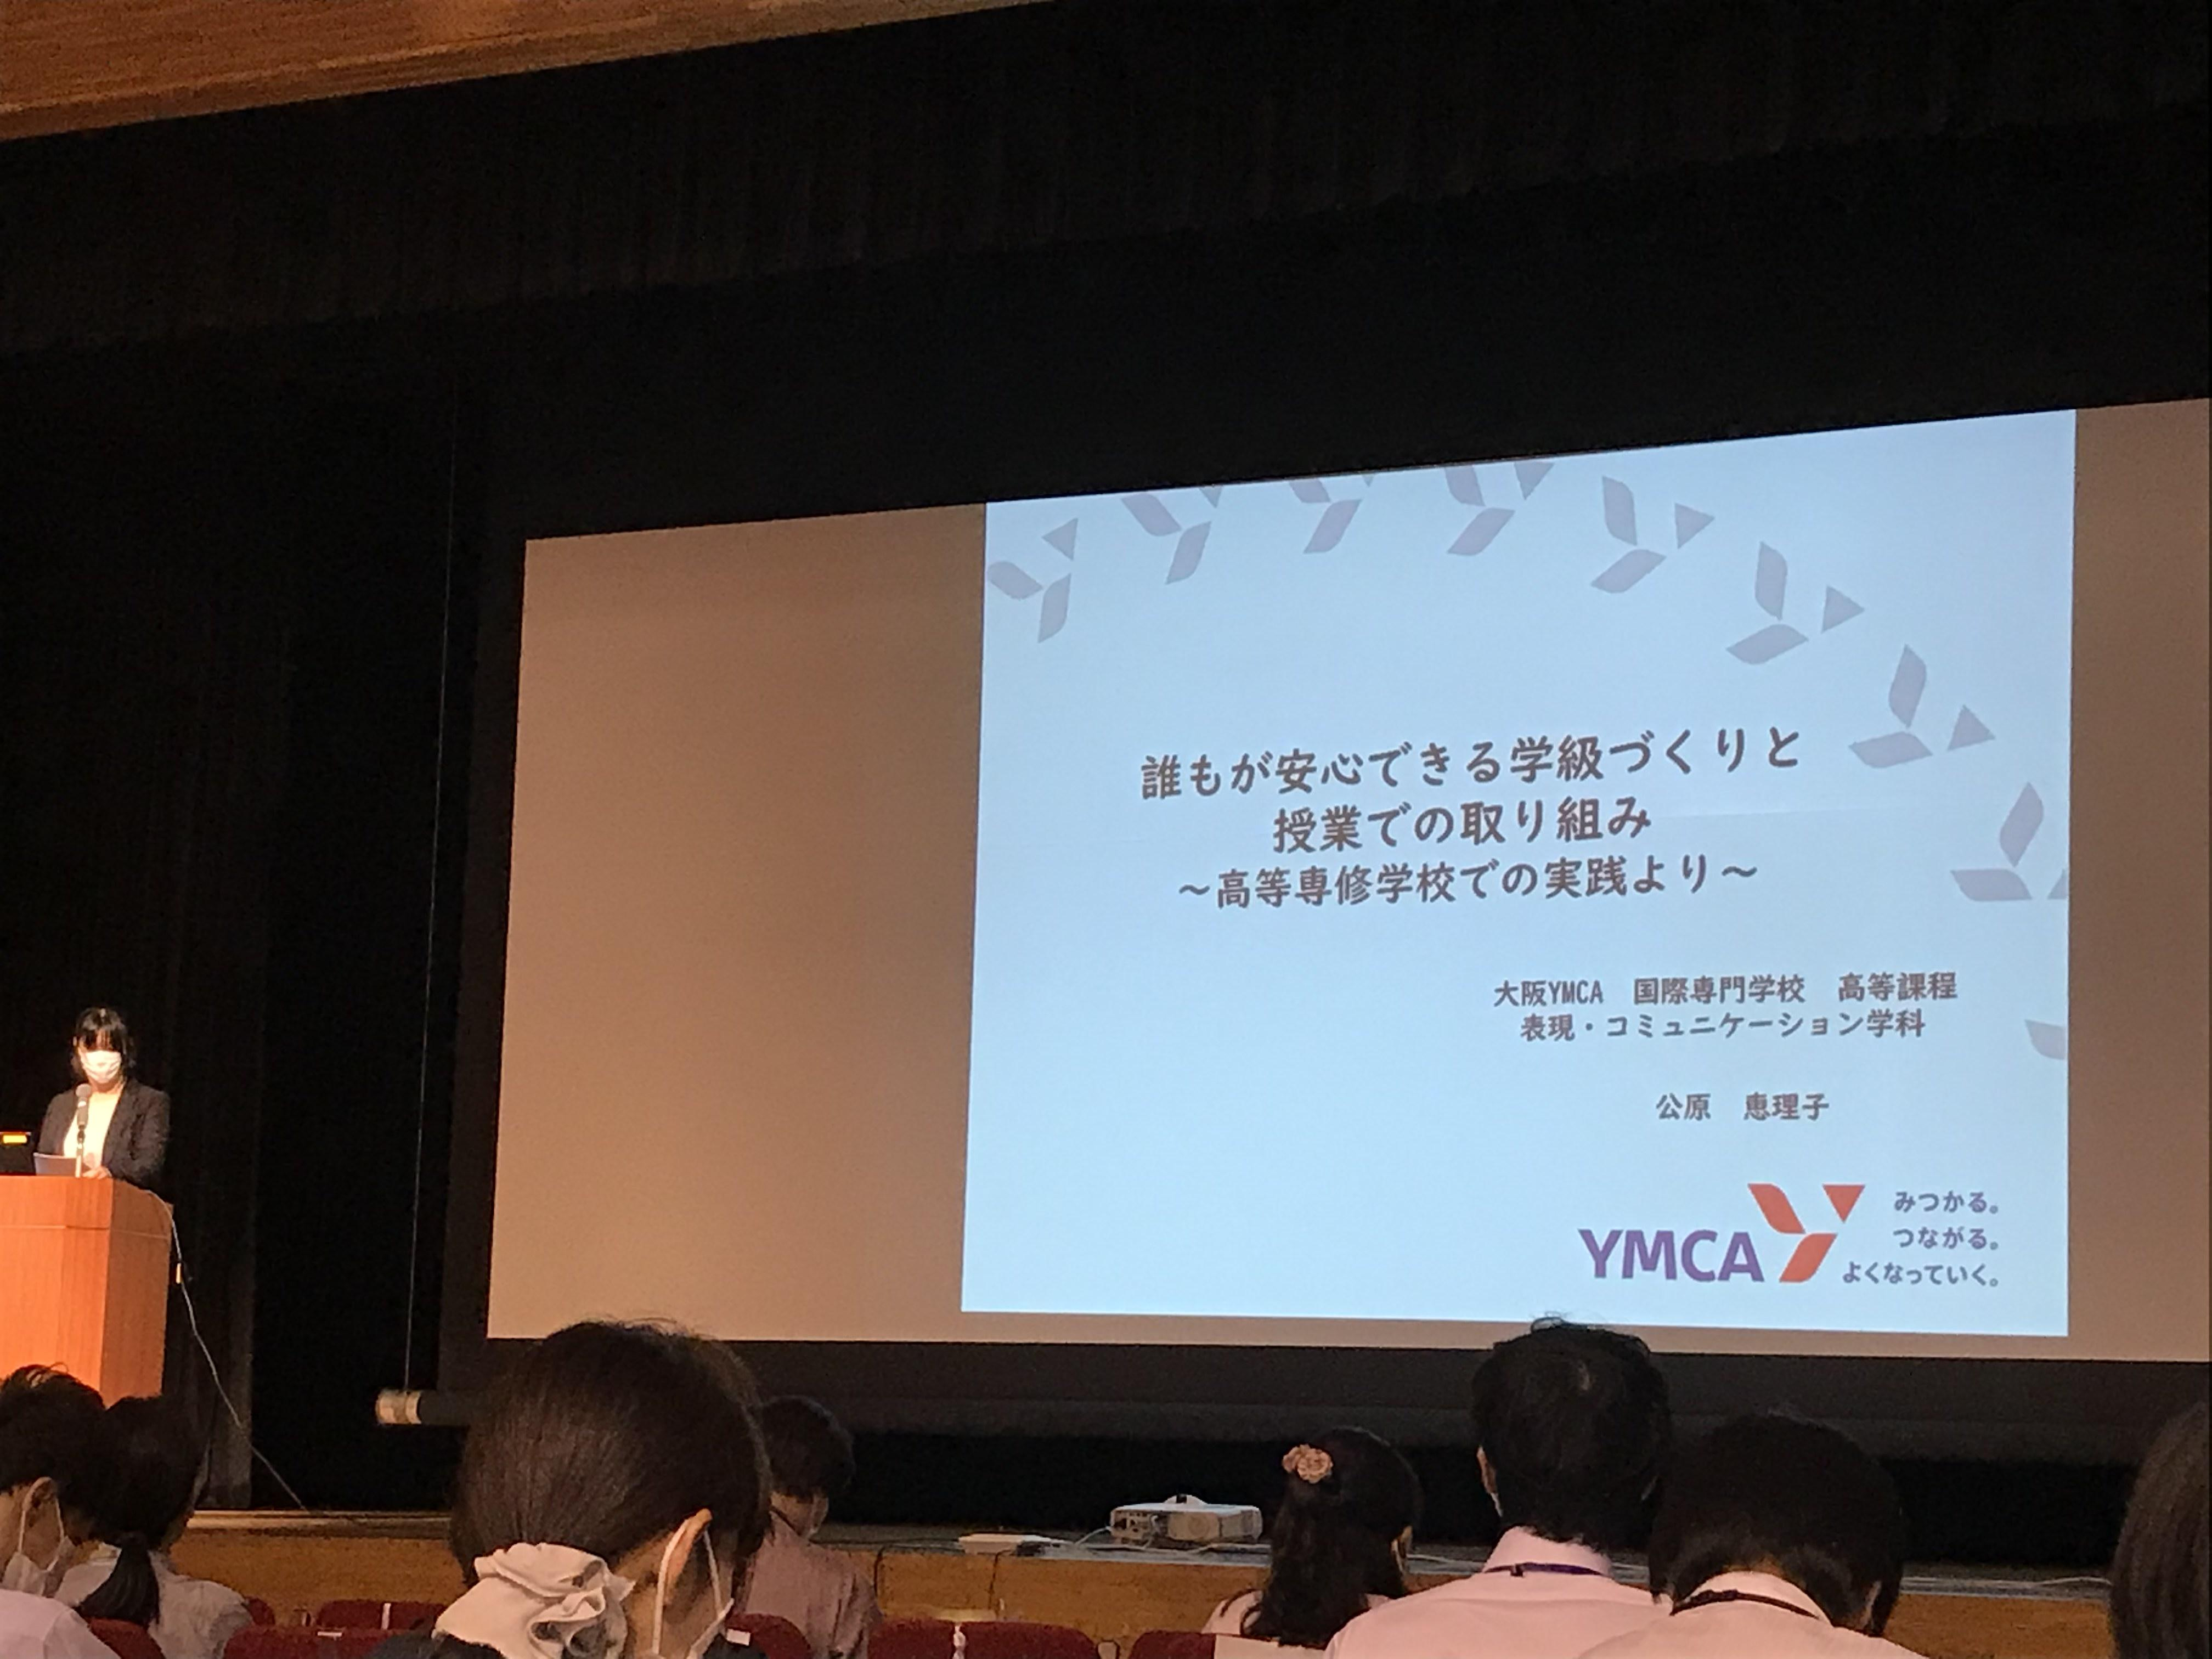 大阪府教育庁主催 「高等学校における支援教育推進フォーラム」で事例発表しました。